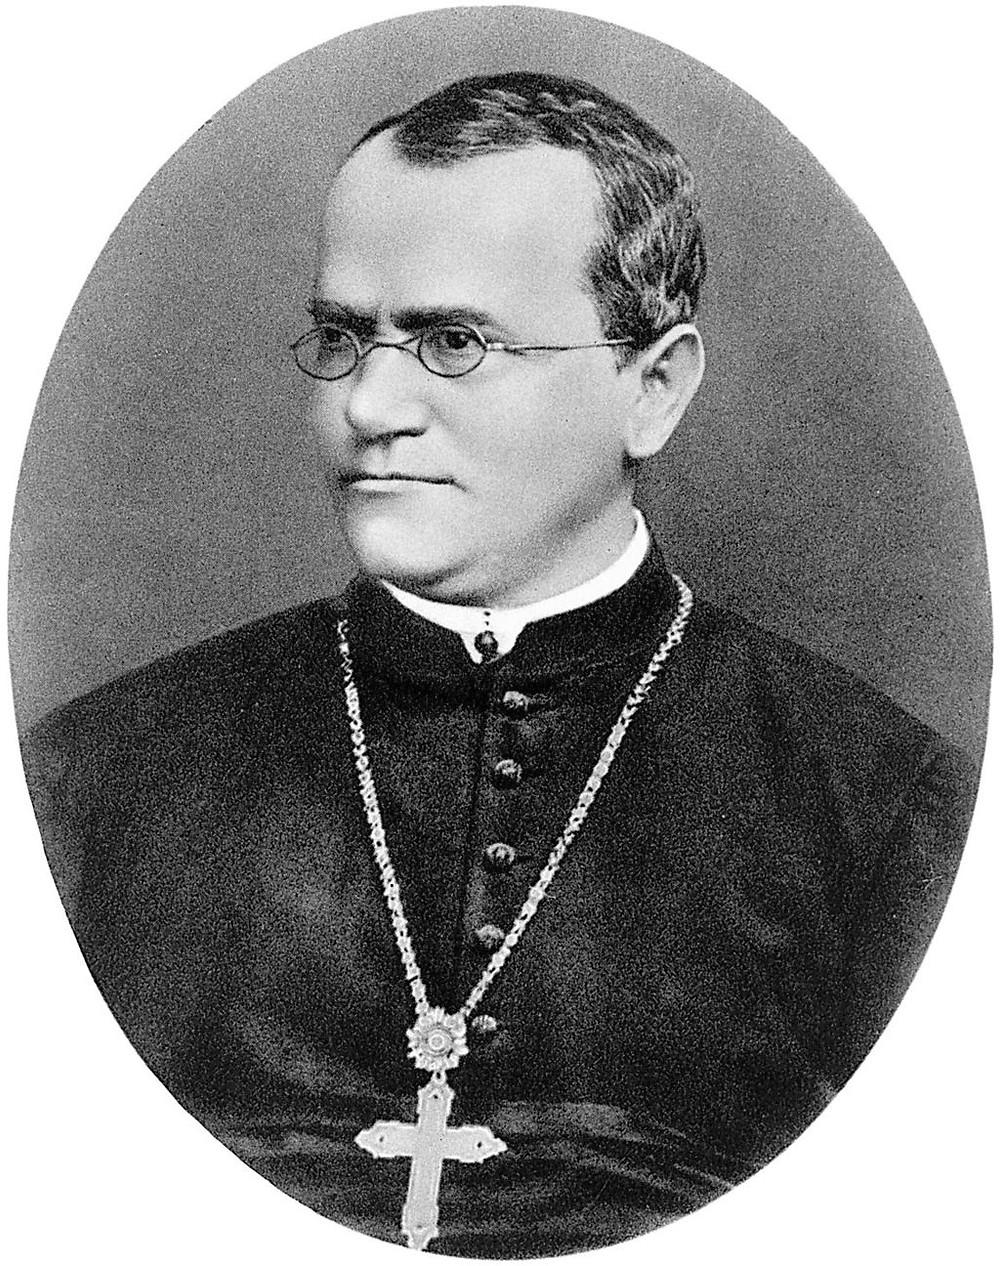 格雷戈爾·孟德爾